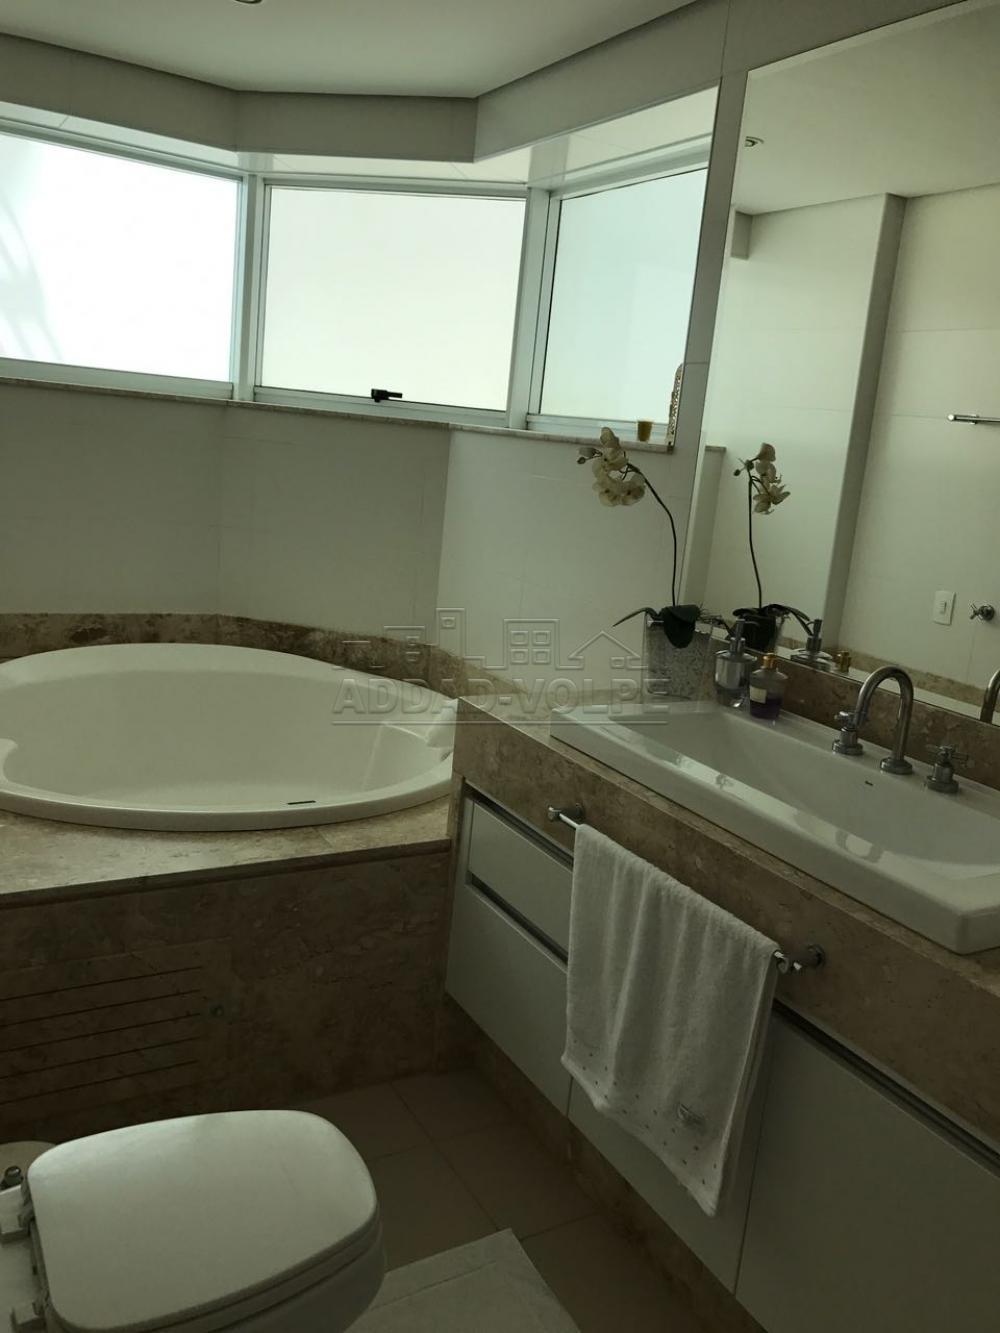 Alugar Apartamento / Padrão em Bauru apenas R$ 3.500,00 - Foto 8